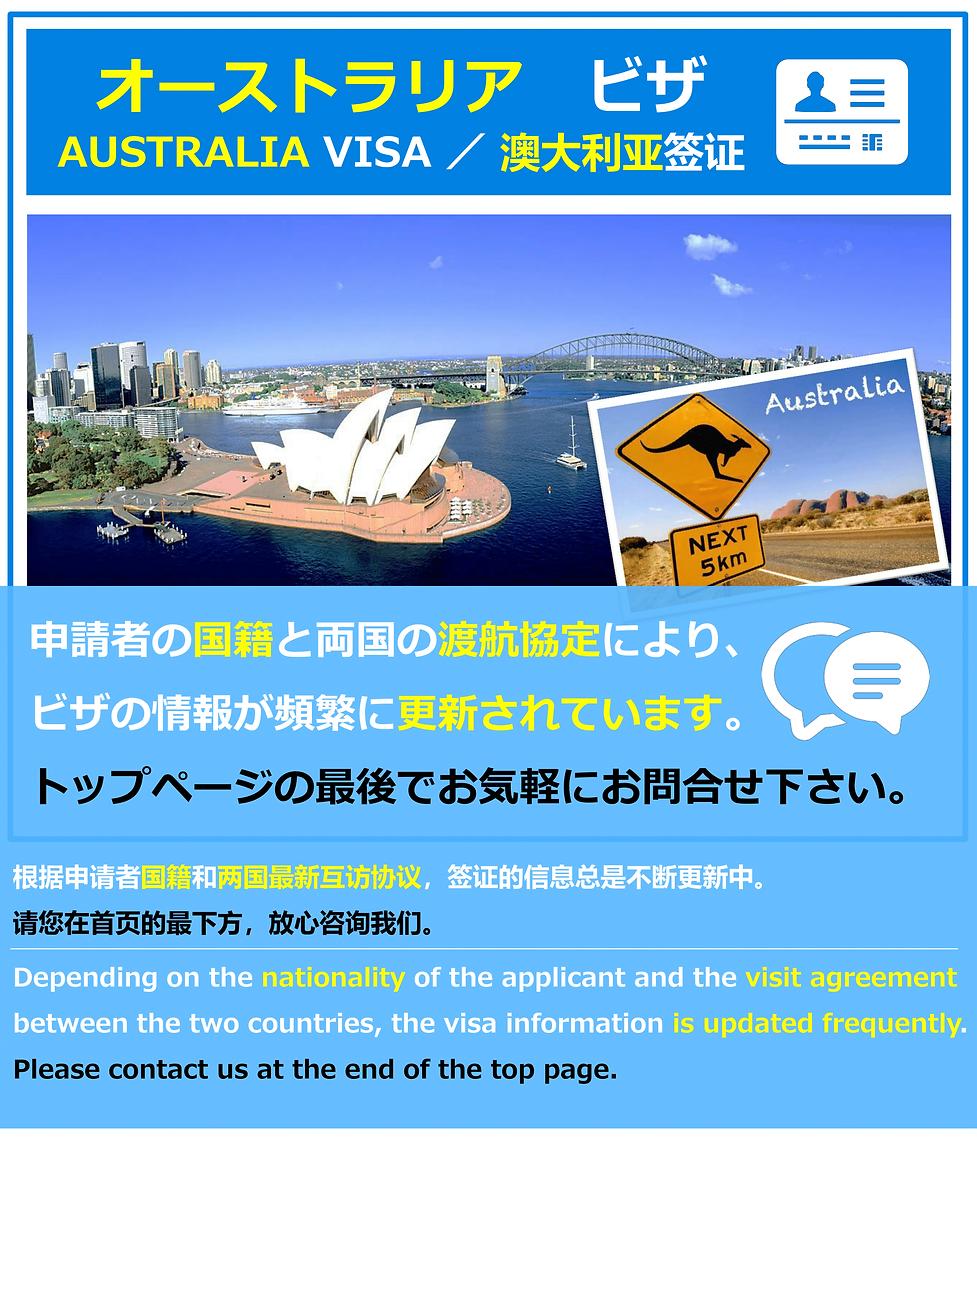 中国人 オーストラリア ビザ 申請 代行